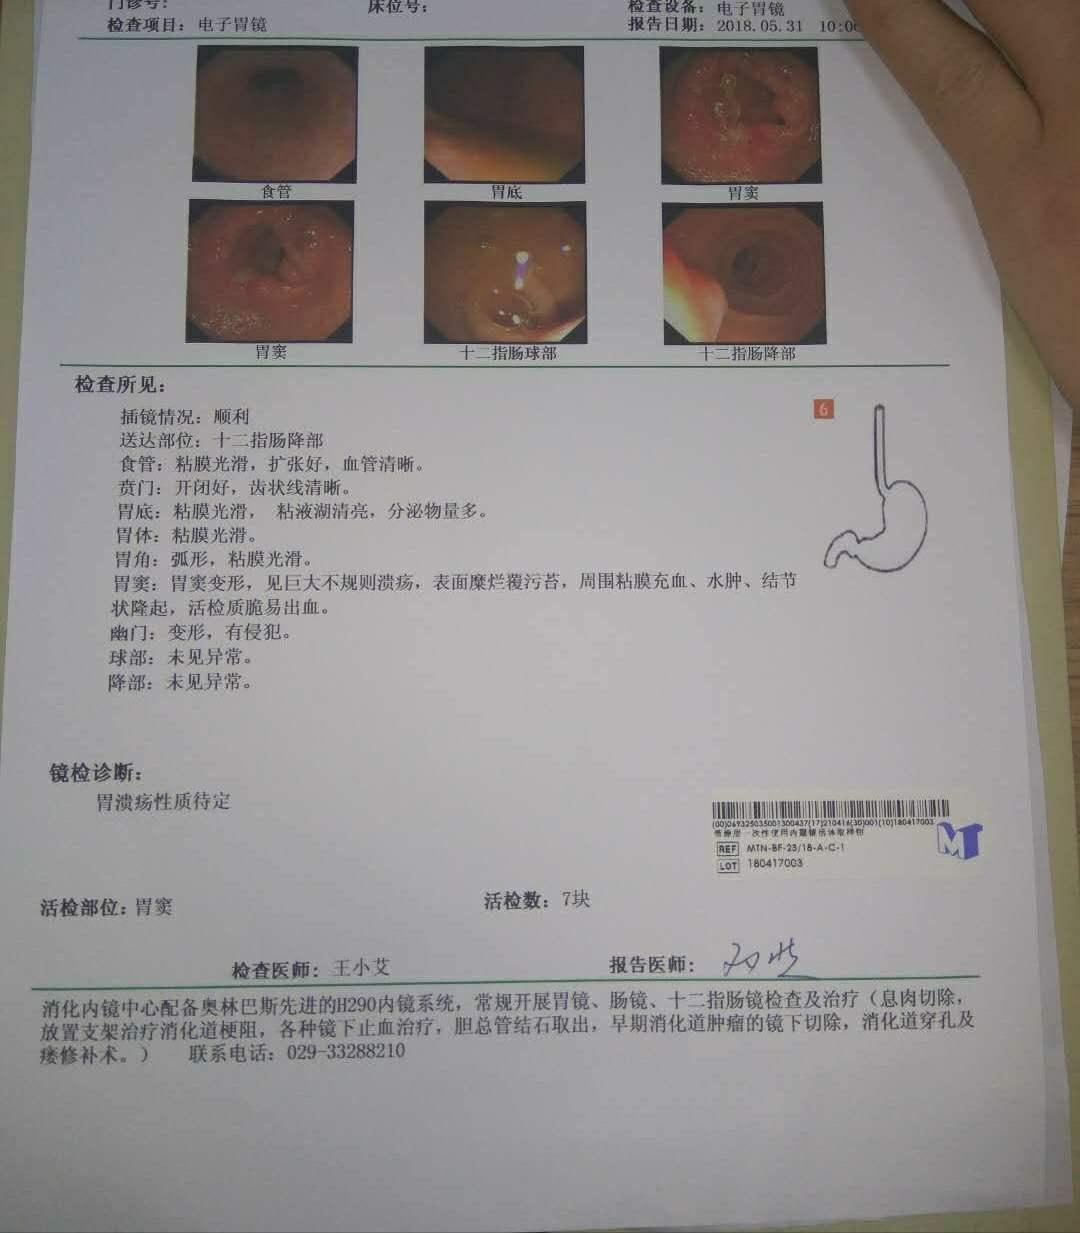 胃窦腺低分化 印戒细胞癌 打算在交大一附院手术-图1